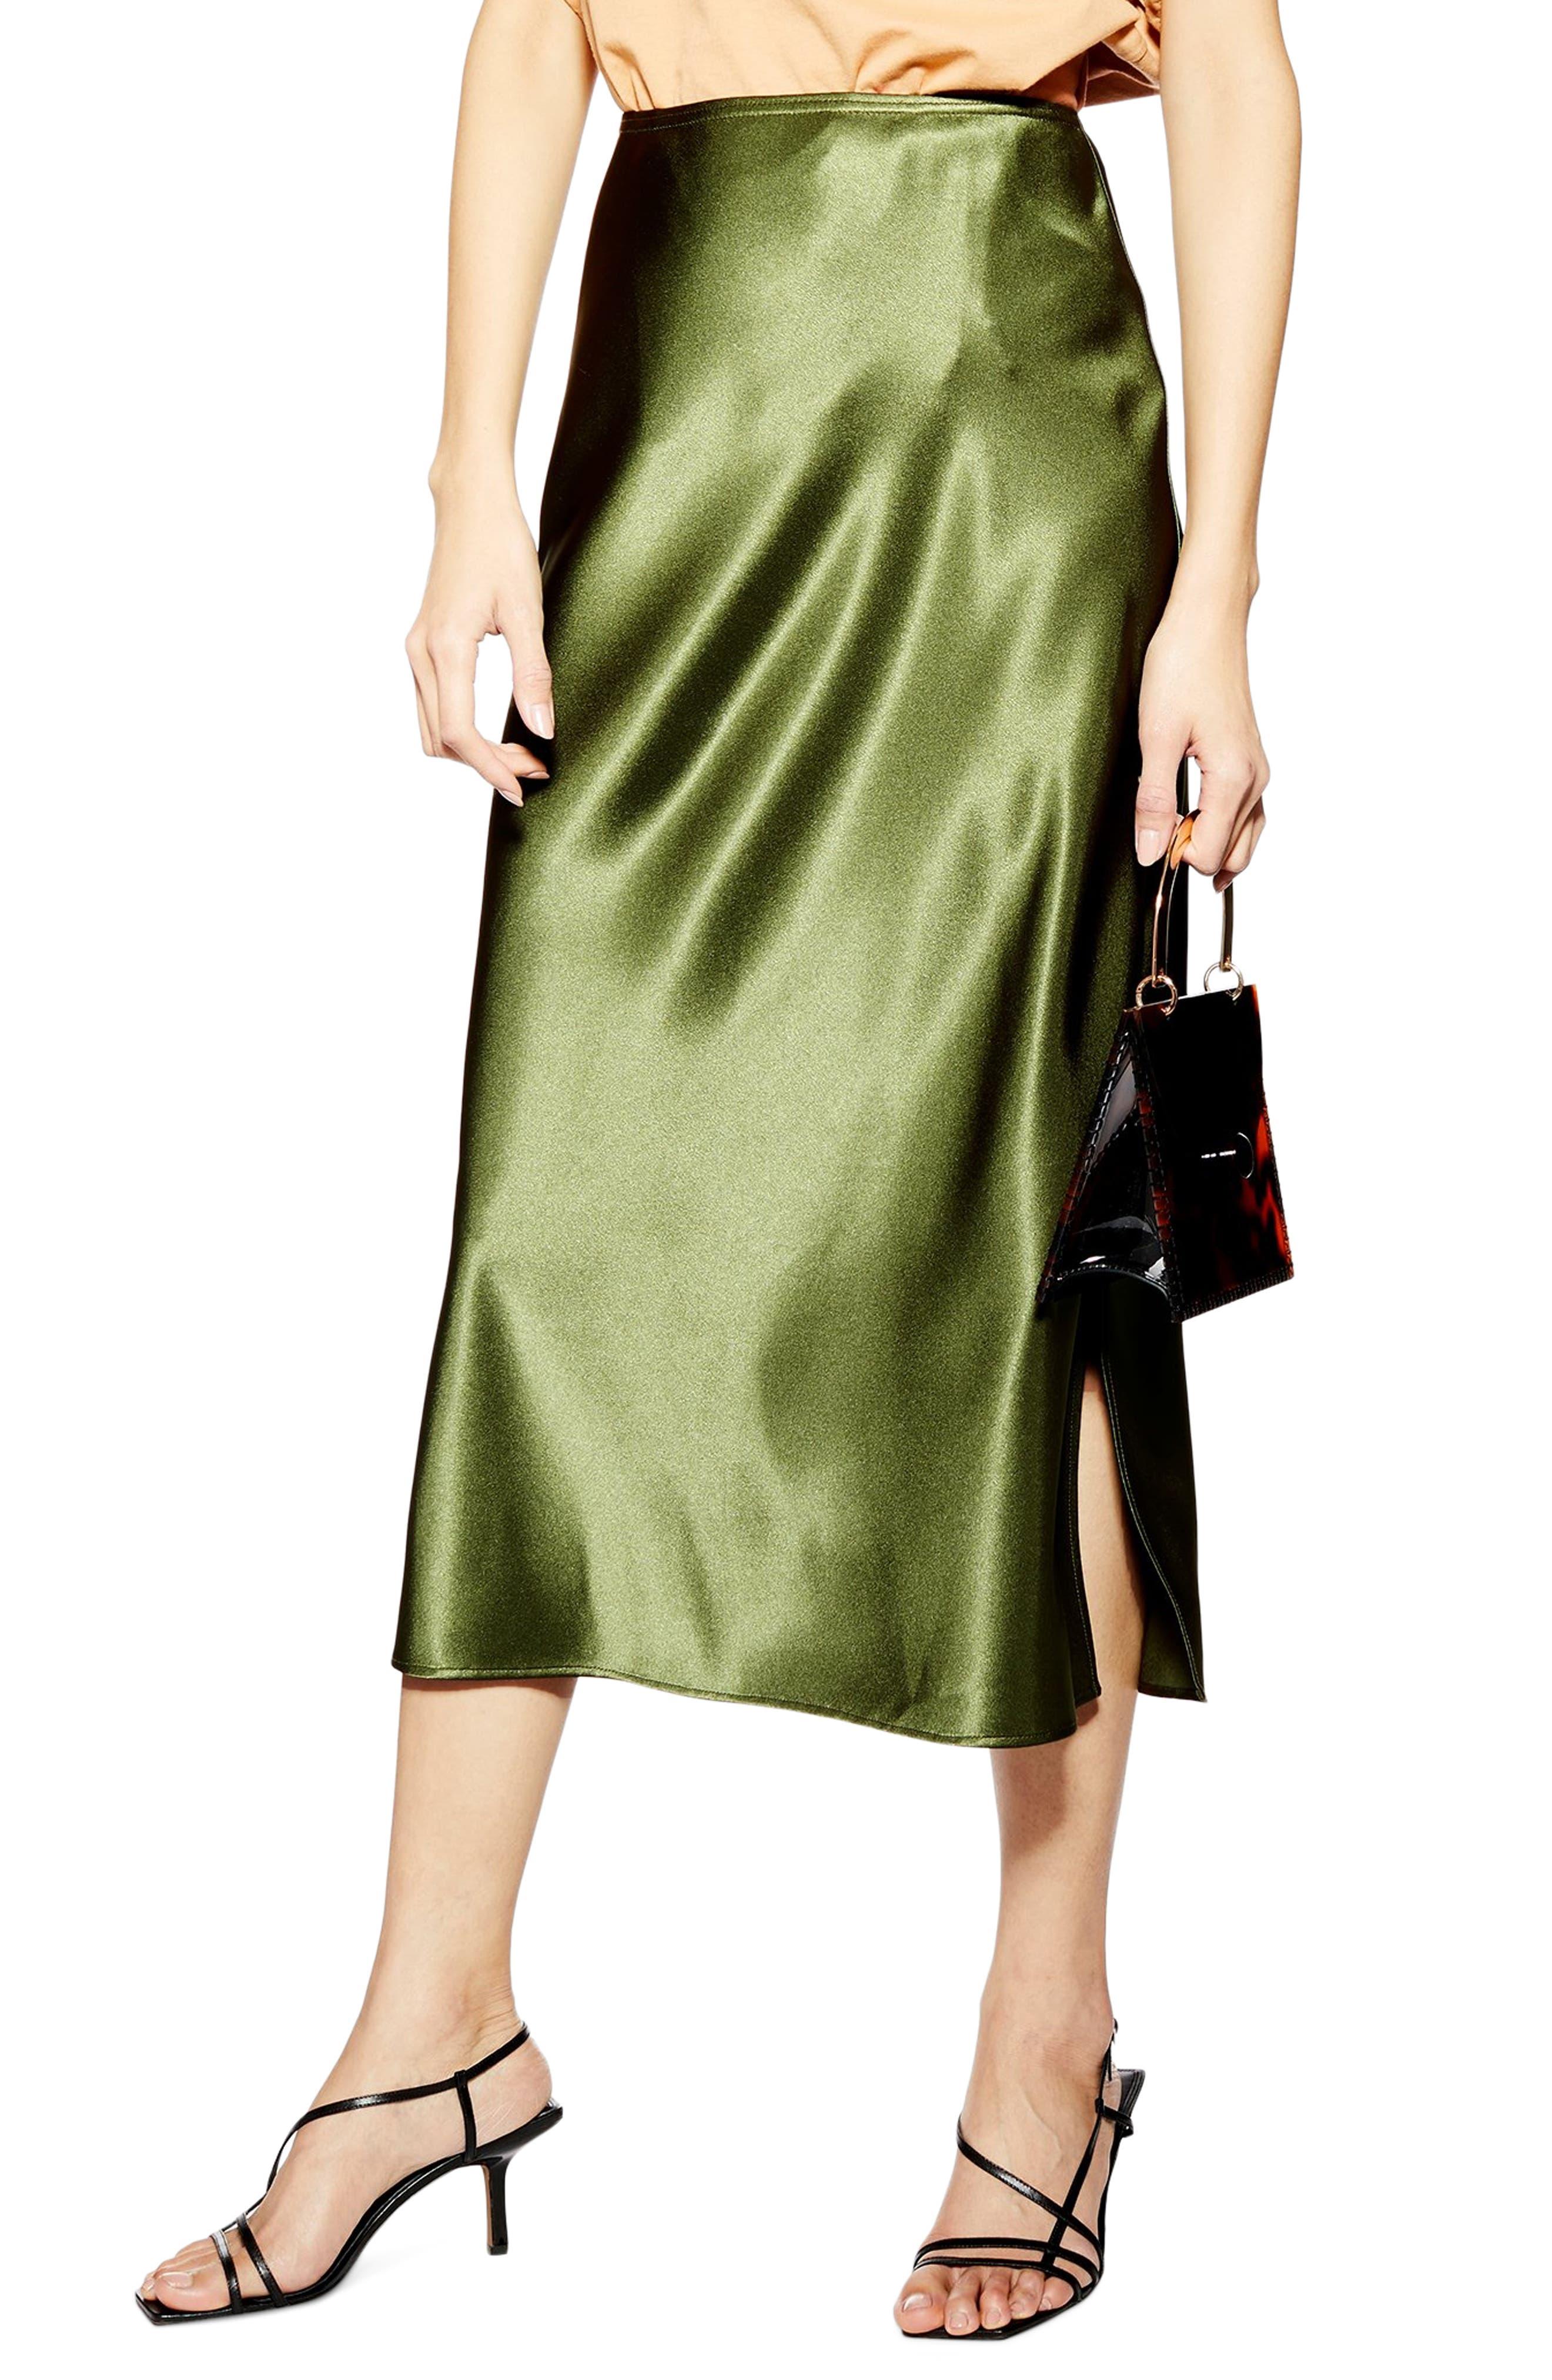 Topshop Slit Bias Cut Satin Midi Skirt, US (fits like 0) - Green